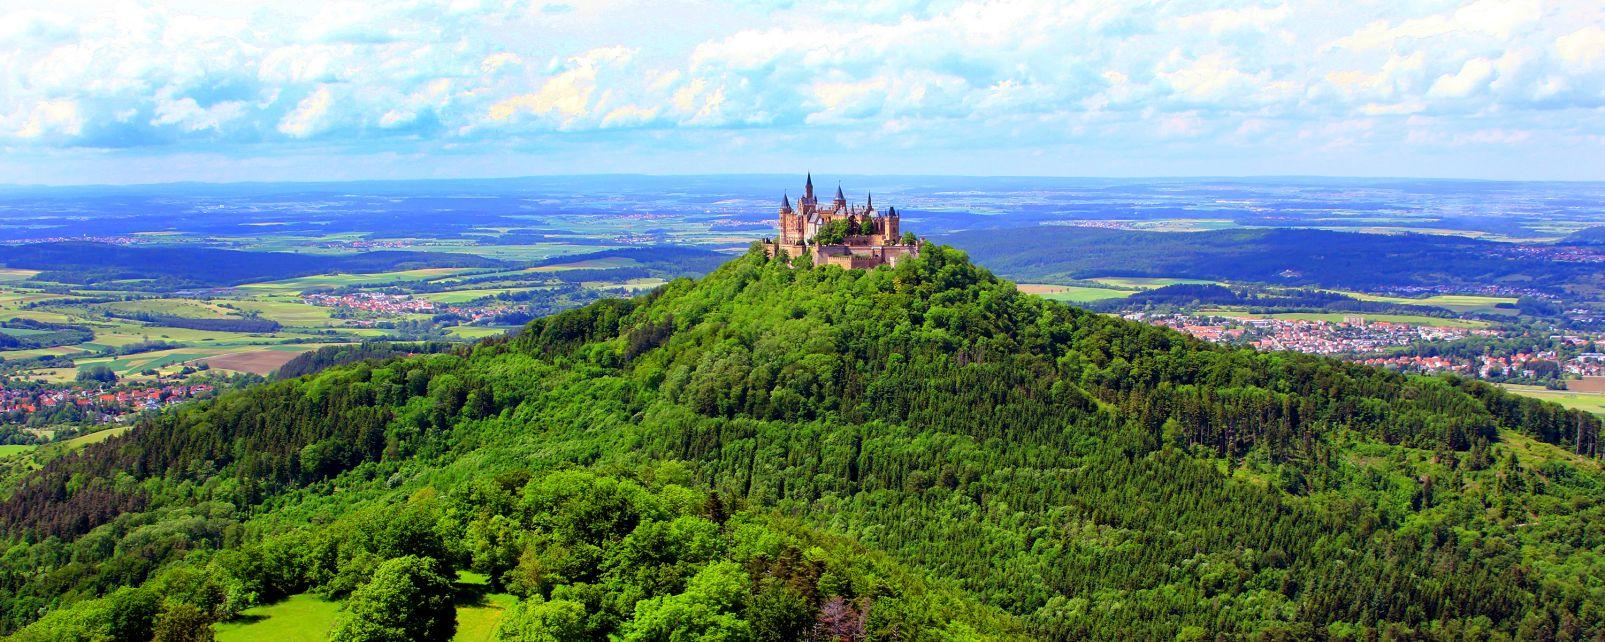 Le Bade-Wurtemberg: la vallée du Neckar, Le Bade-Wurtemberg, Les paysages, Allemagne